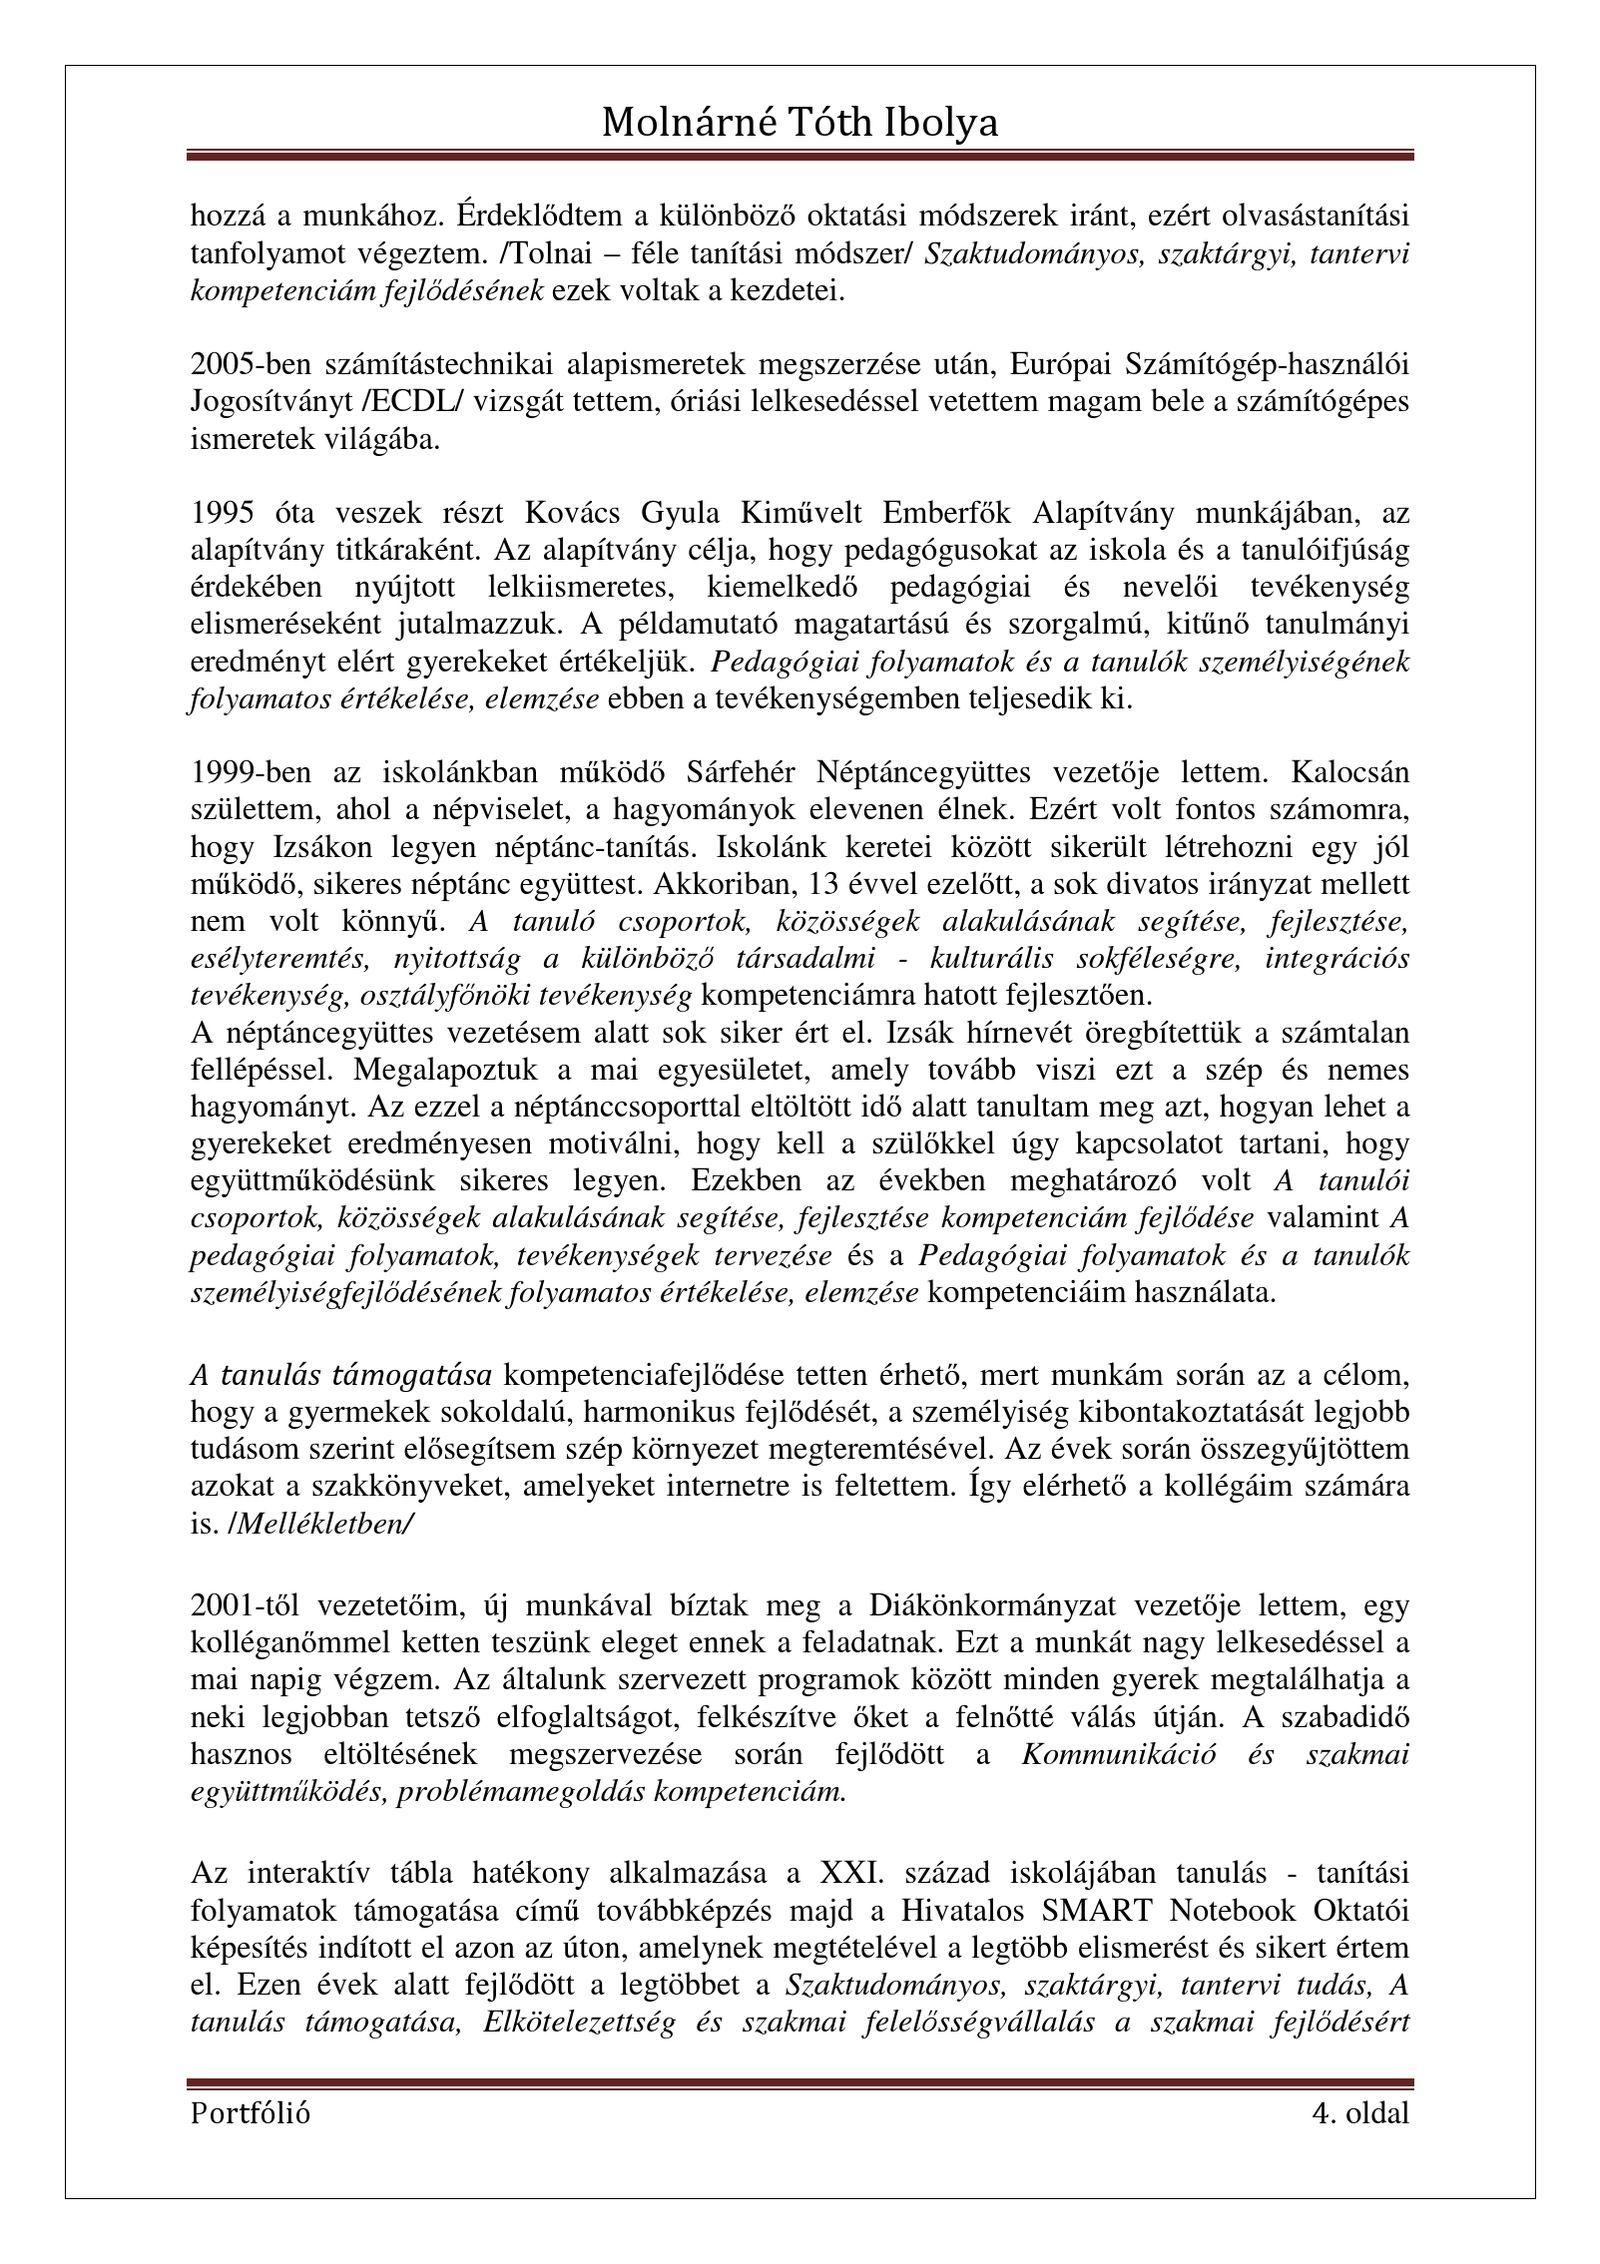 önéletrajz pedagógus portfólióhoz Molnárné Tóth Ibolya Szakmai önéletrajz | PDF Flipbook | Pedagógus  önéletrajz pedagógus portfólióhoz